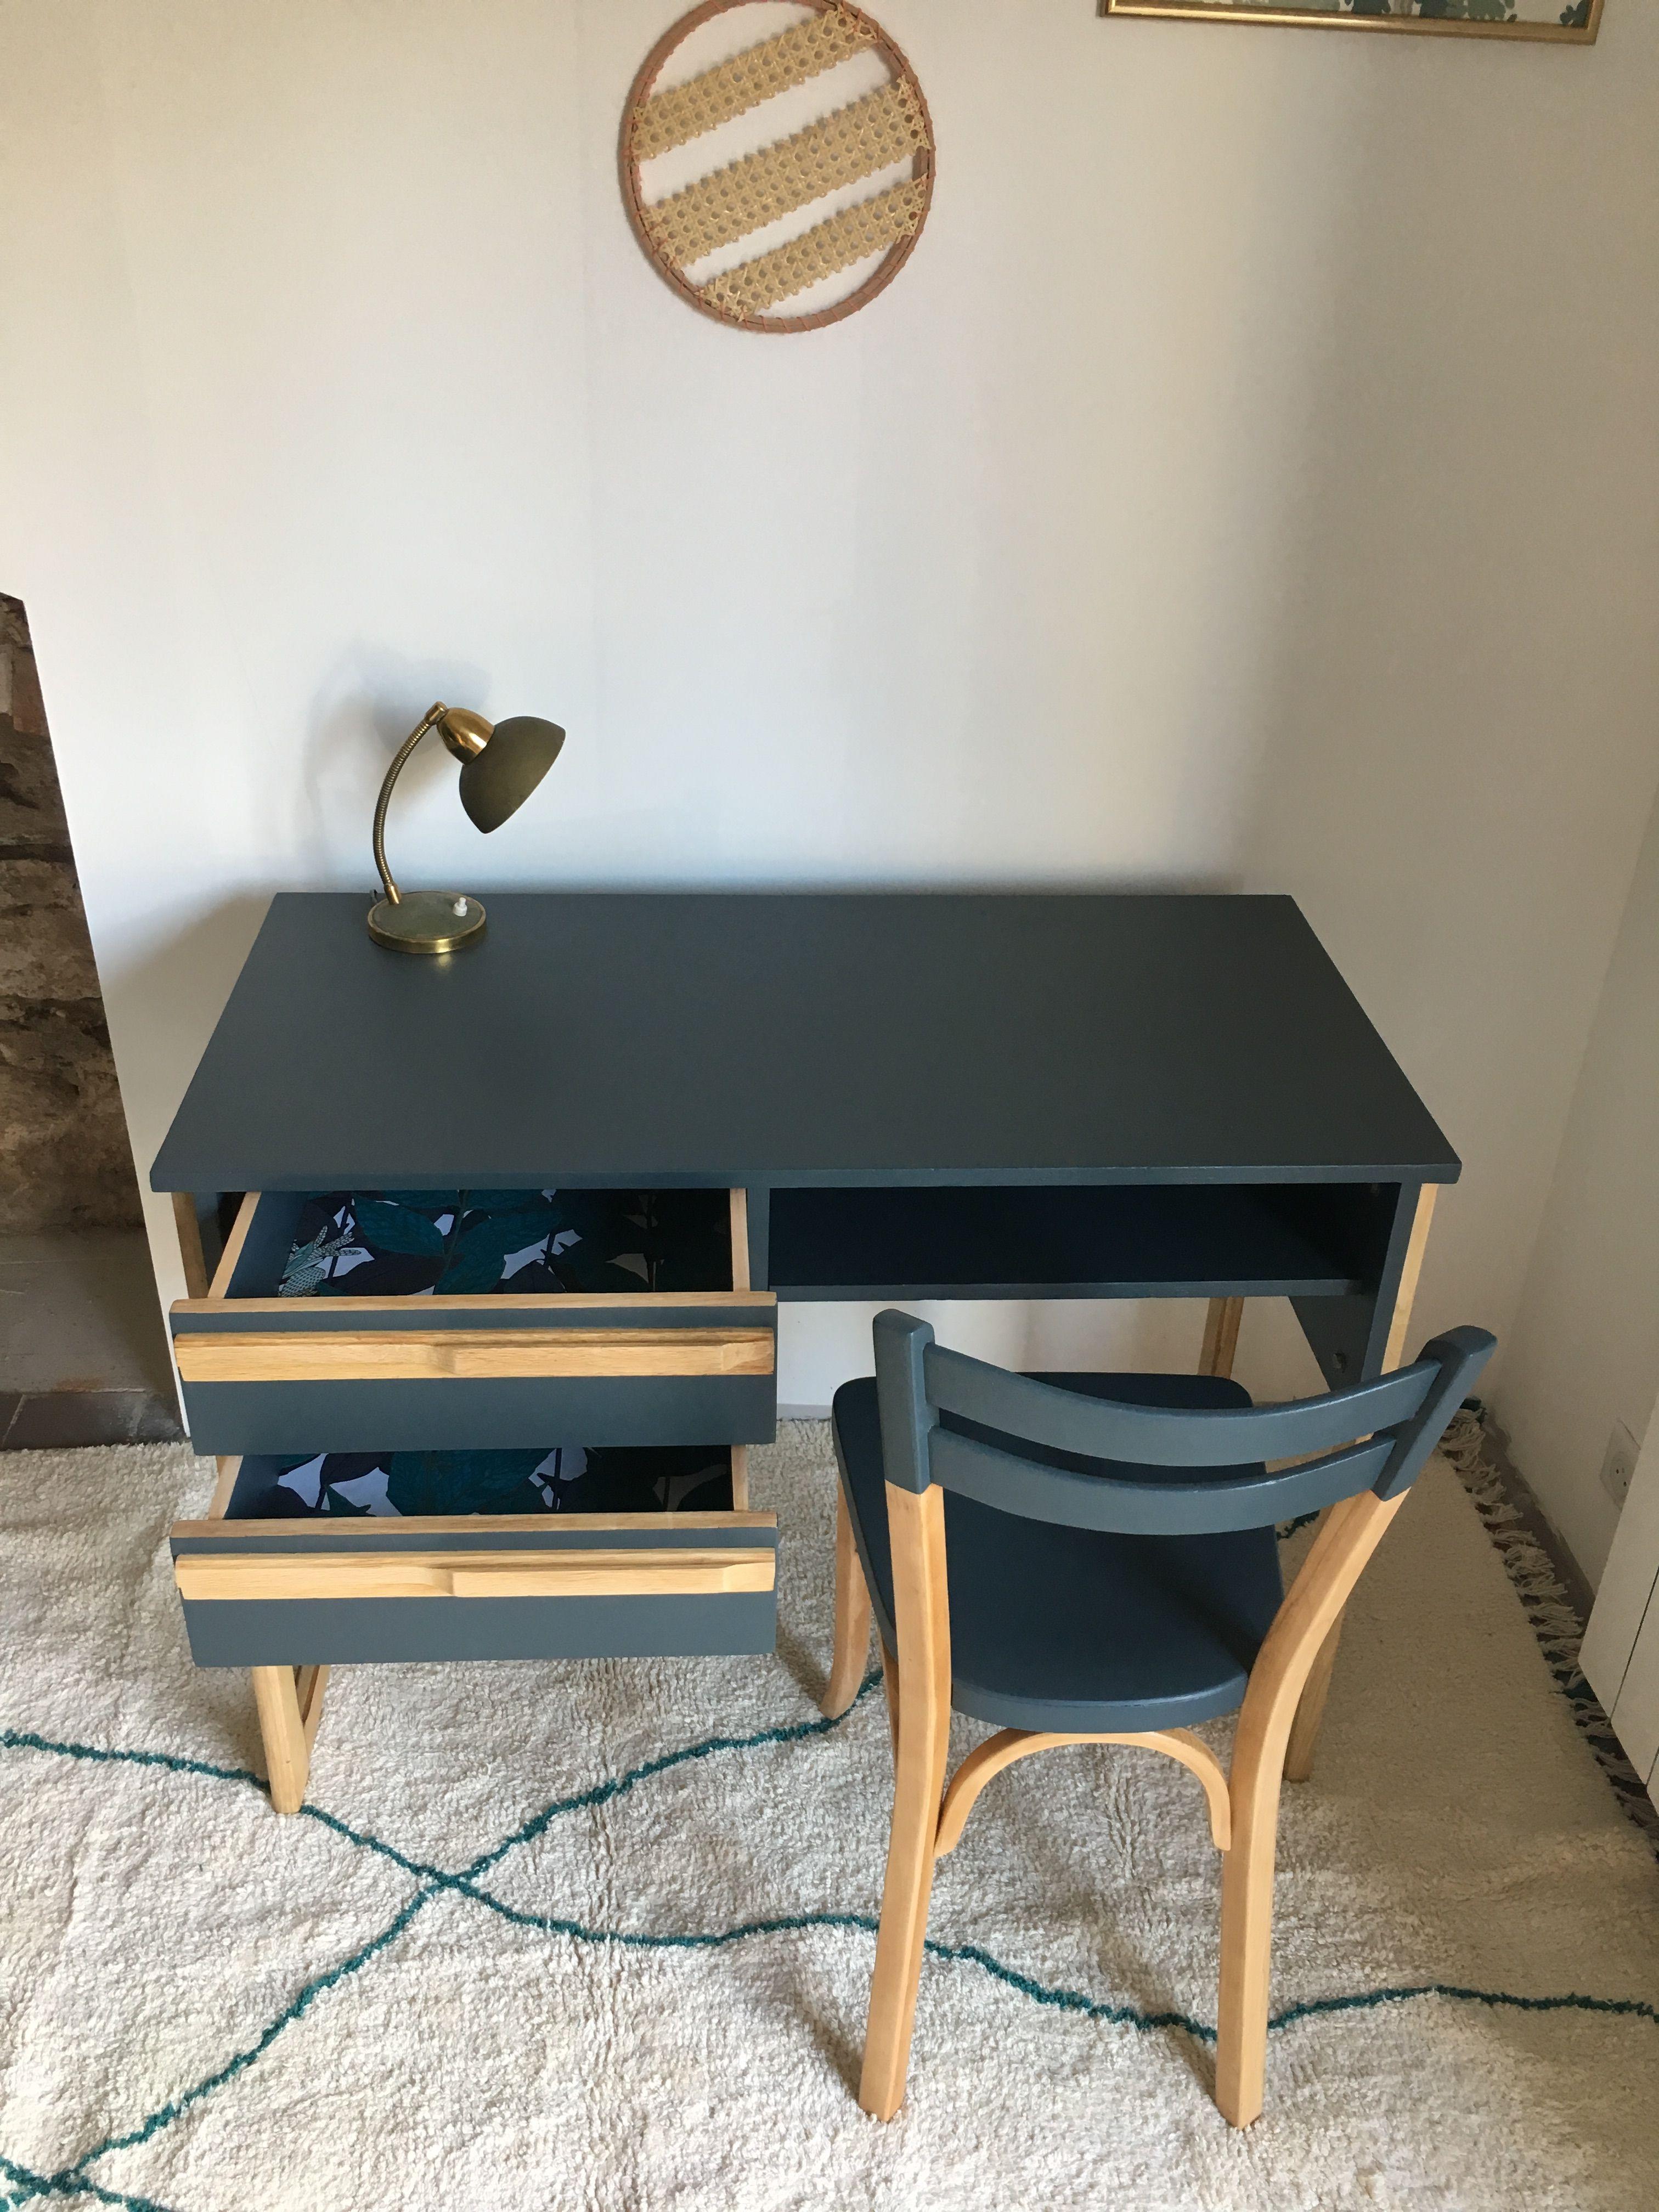 Bureau Vintage Scandinave Tawara En Vogue Mobilier Vintage A Nantes Deco Maison Recup Relooking Meuble Deco Maison